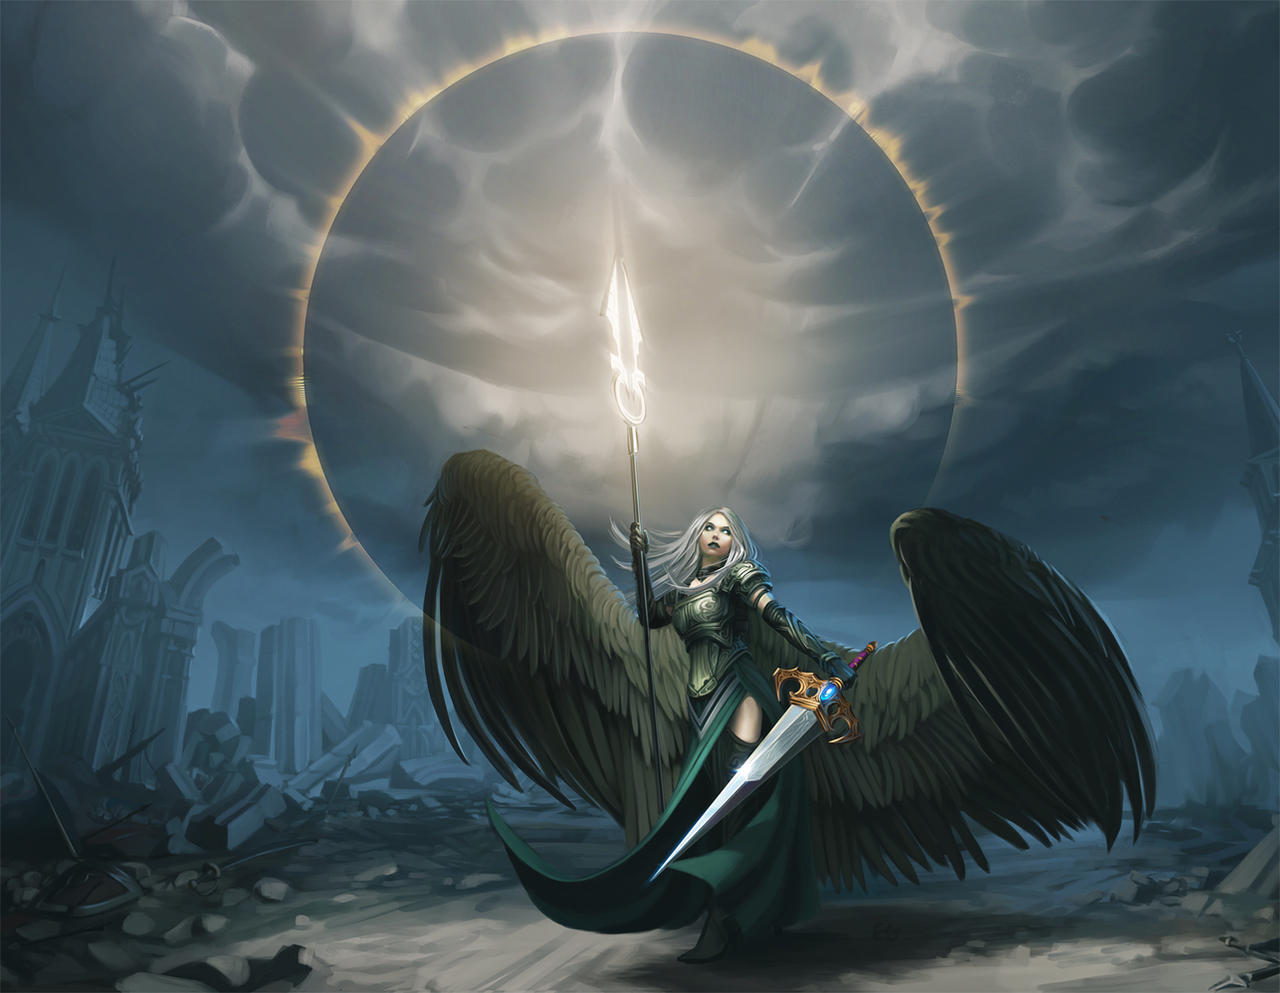 angel photoshop fantasy famale - photo #45